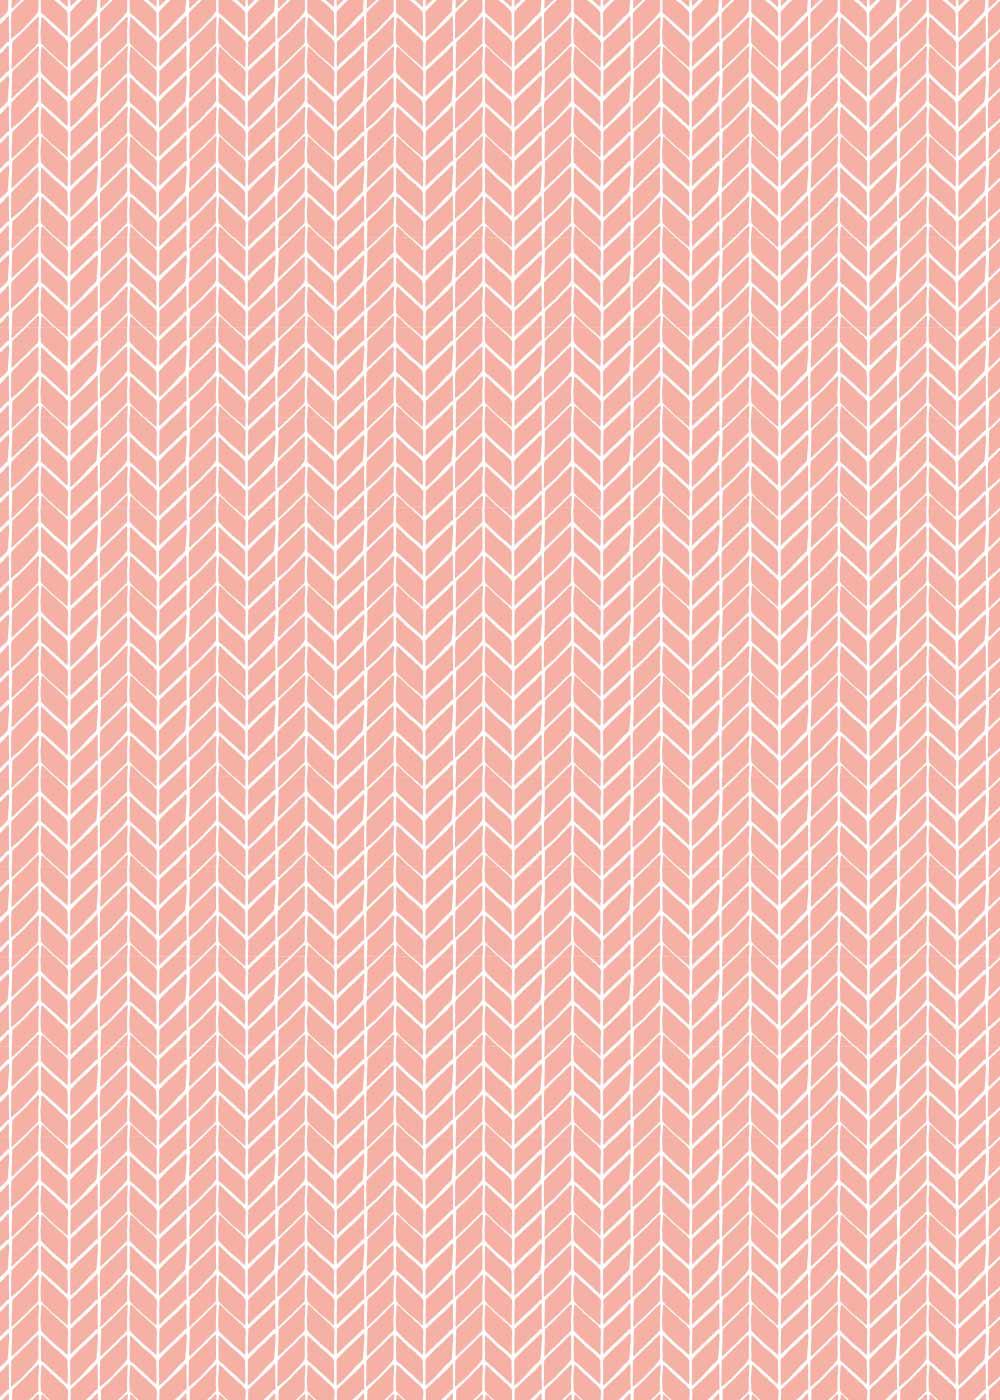 Möbelfolie Meterware Skandig rosa